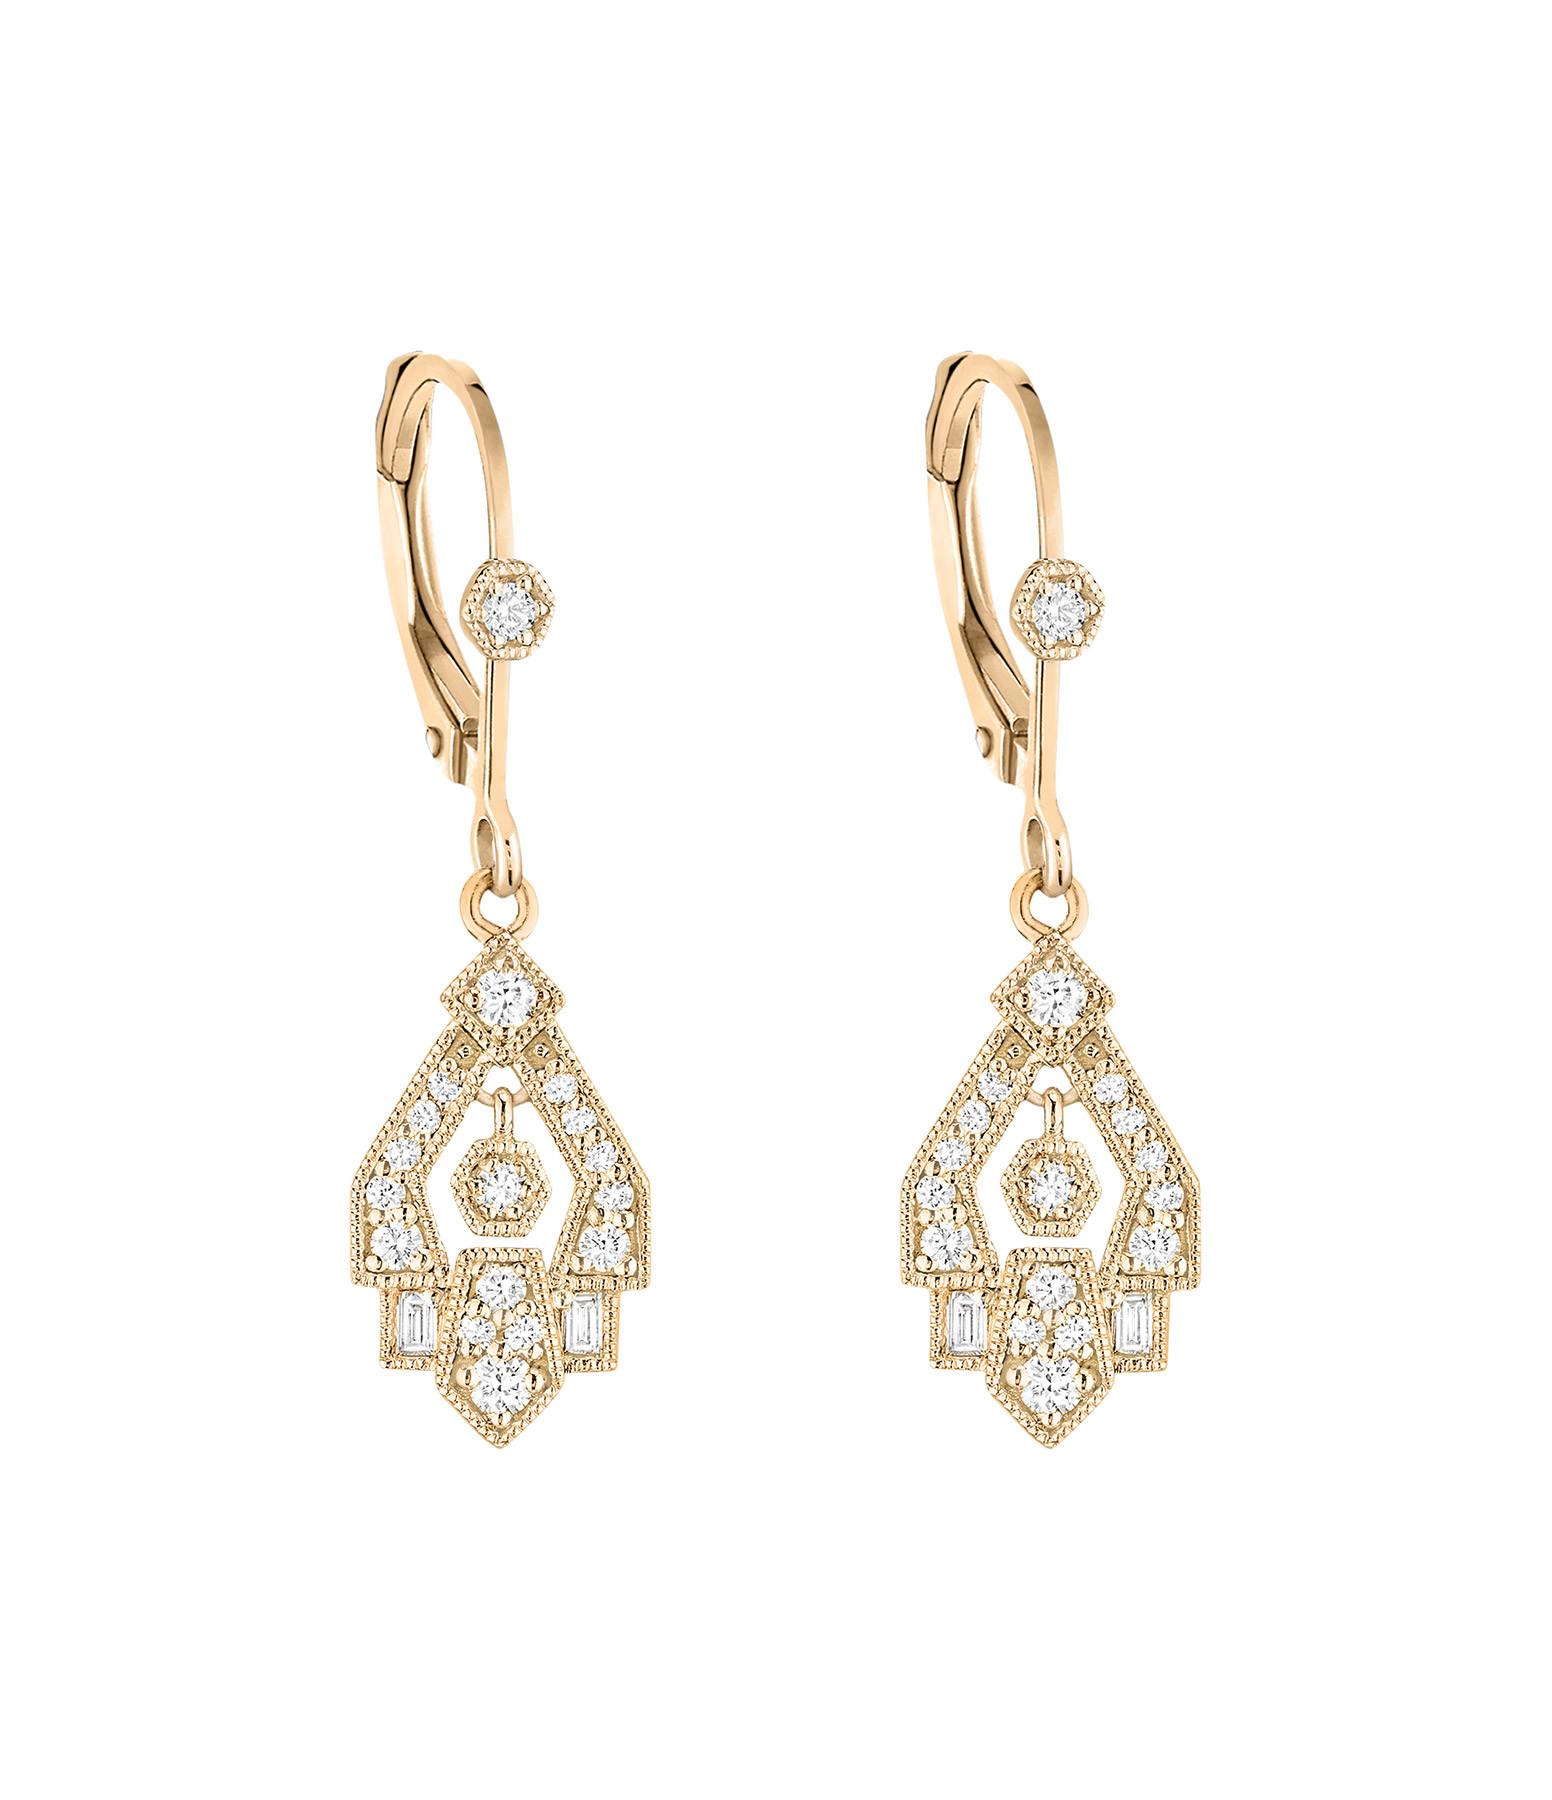 STONE PARIS - Boucles d'oreilles Dormeuses Gilda Or Diamants